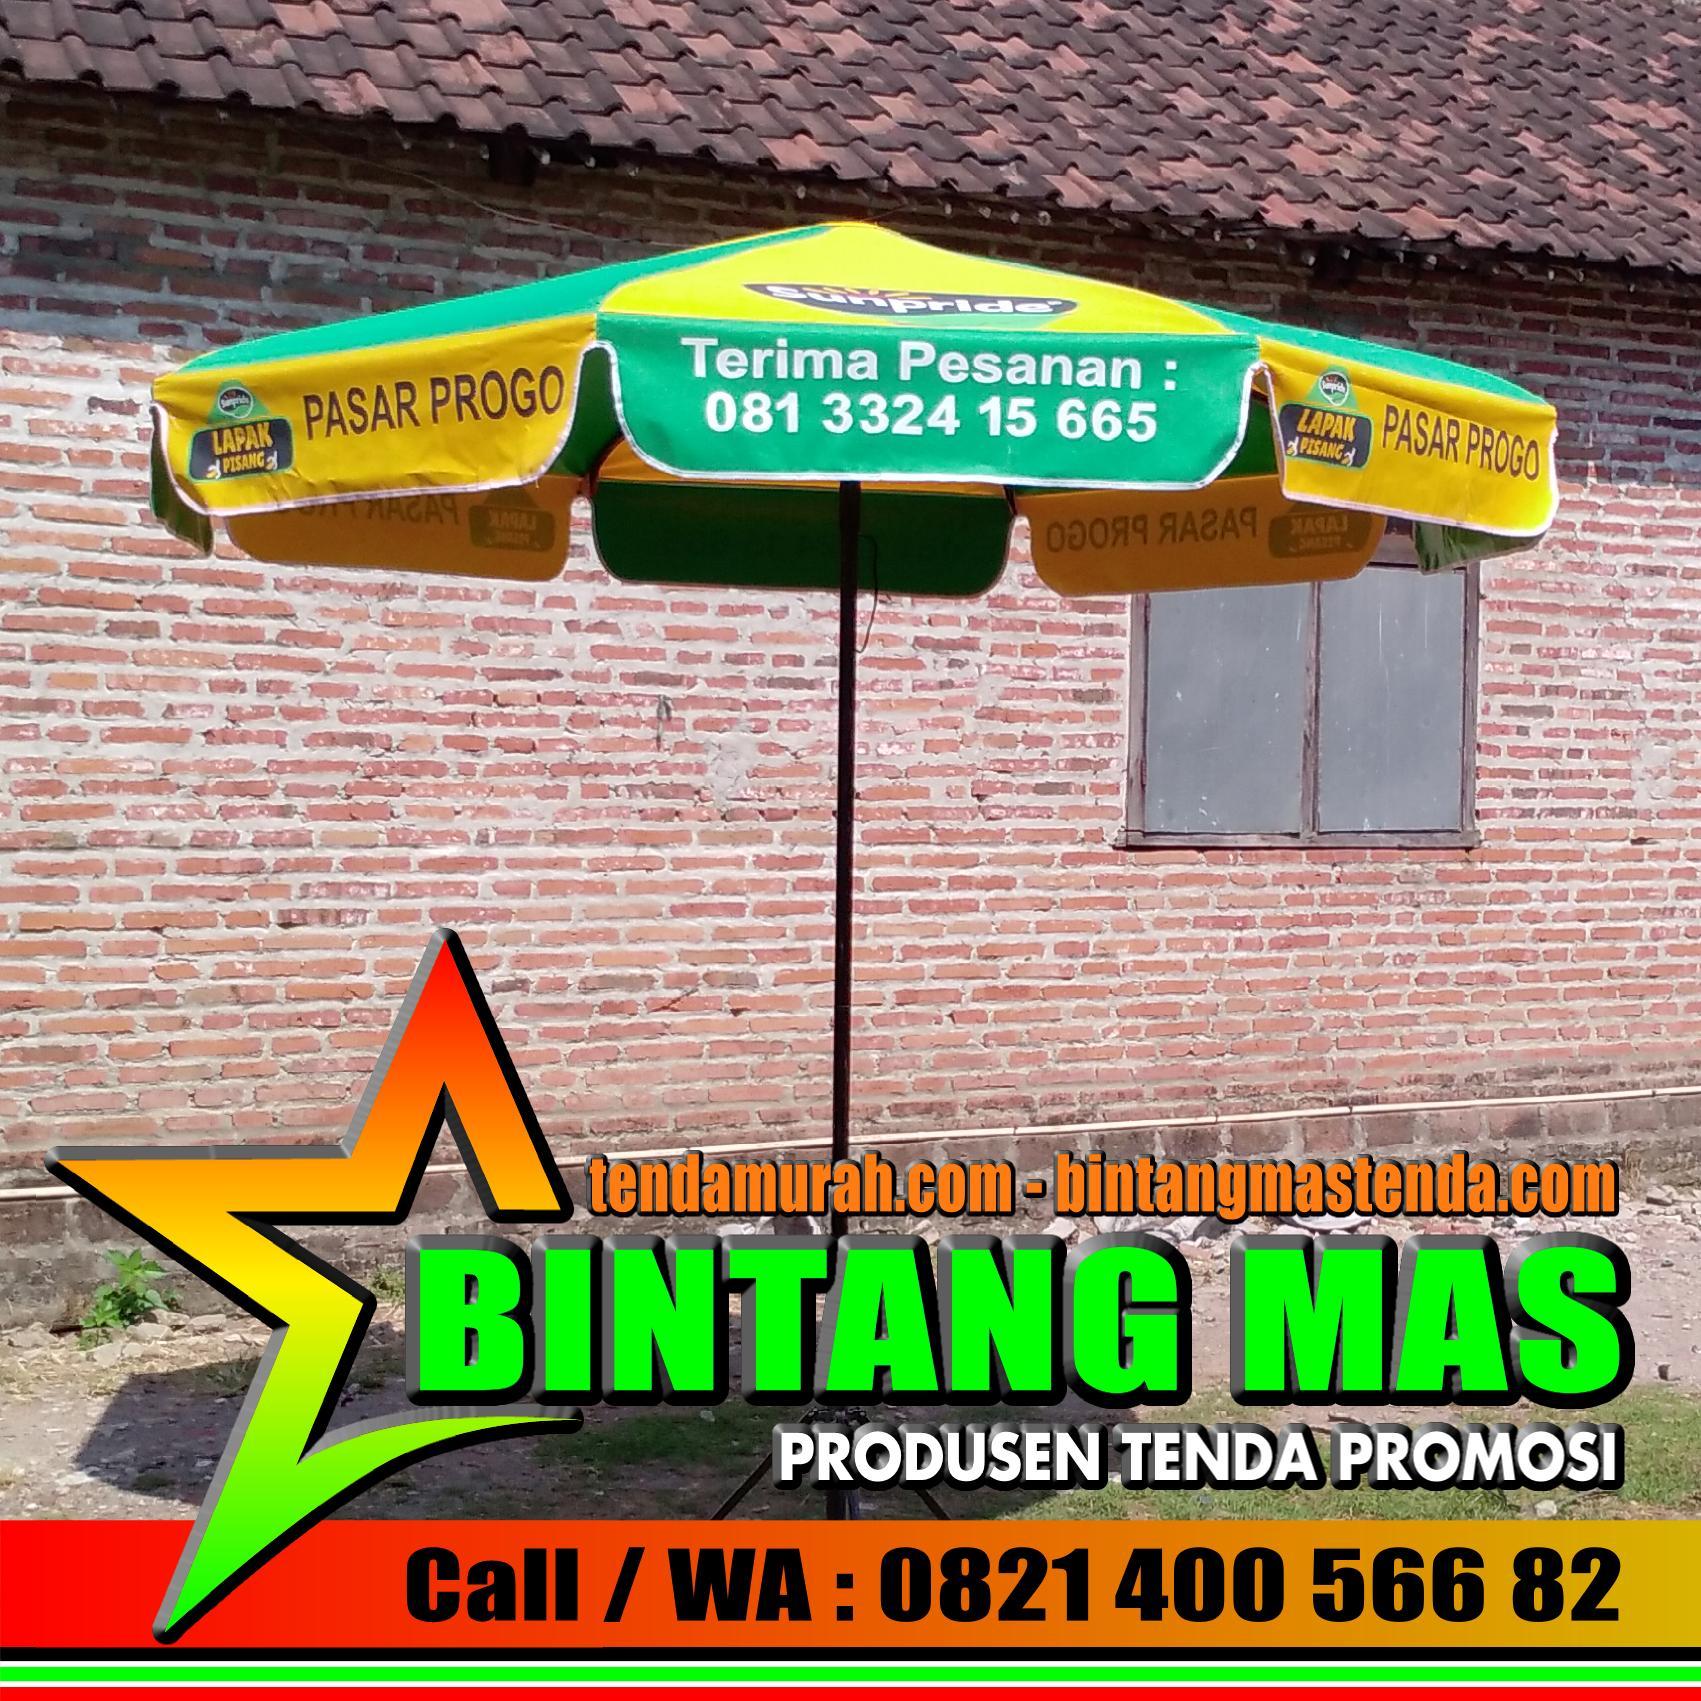 JUAL PAYUNG CAFE MURAH SURABAYA